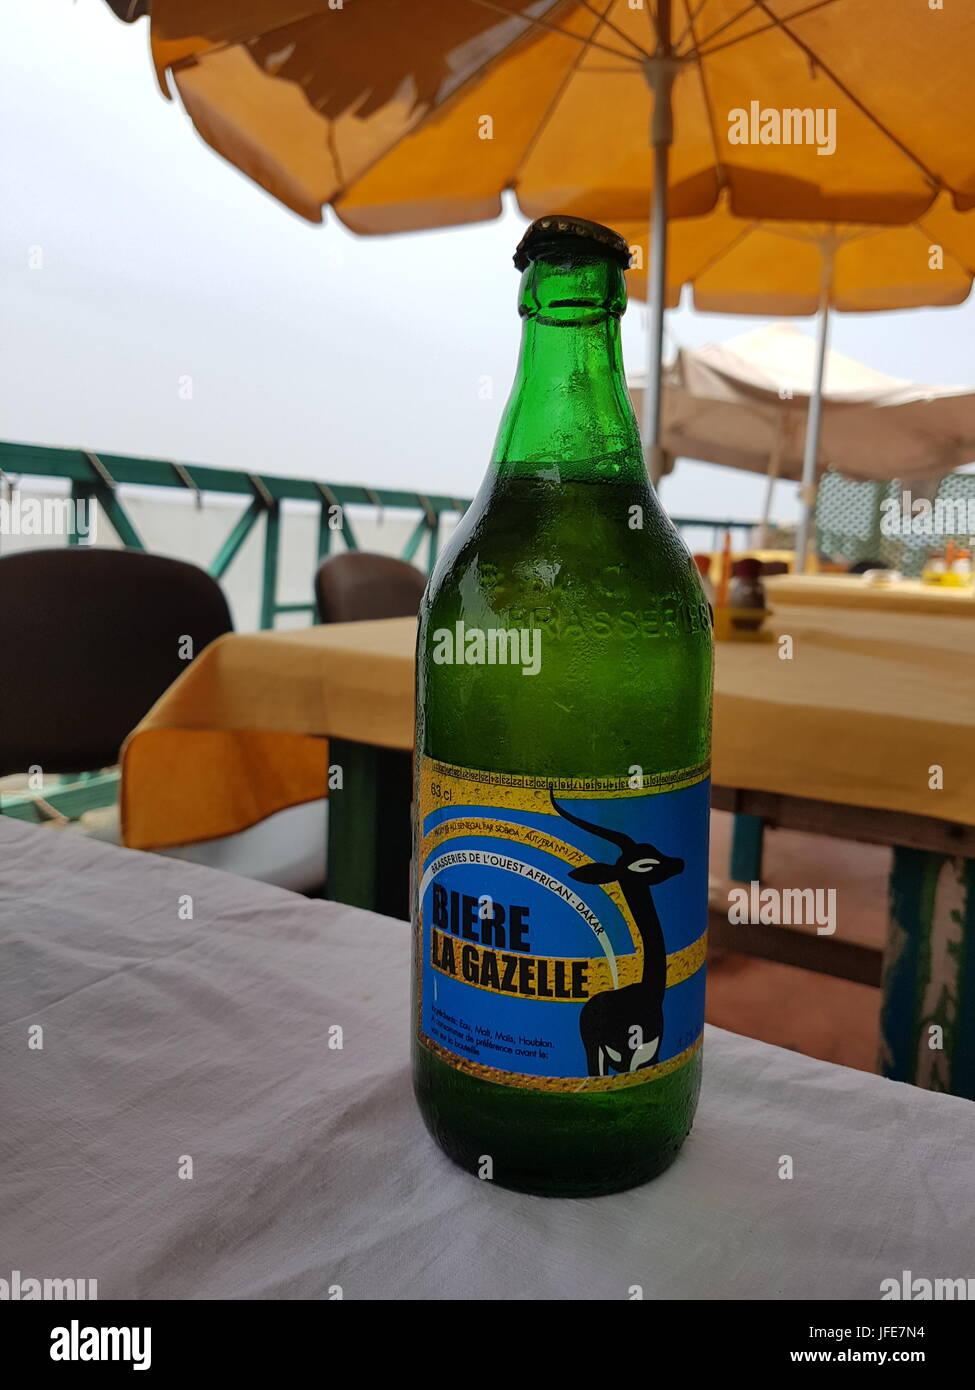 Bouteille de biere la Gazelle, bière sénégalaise